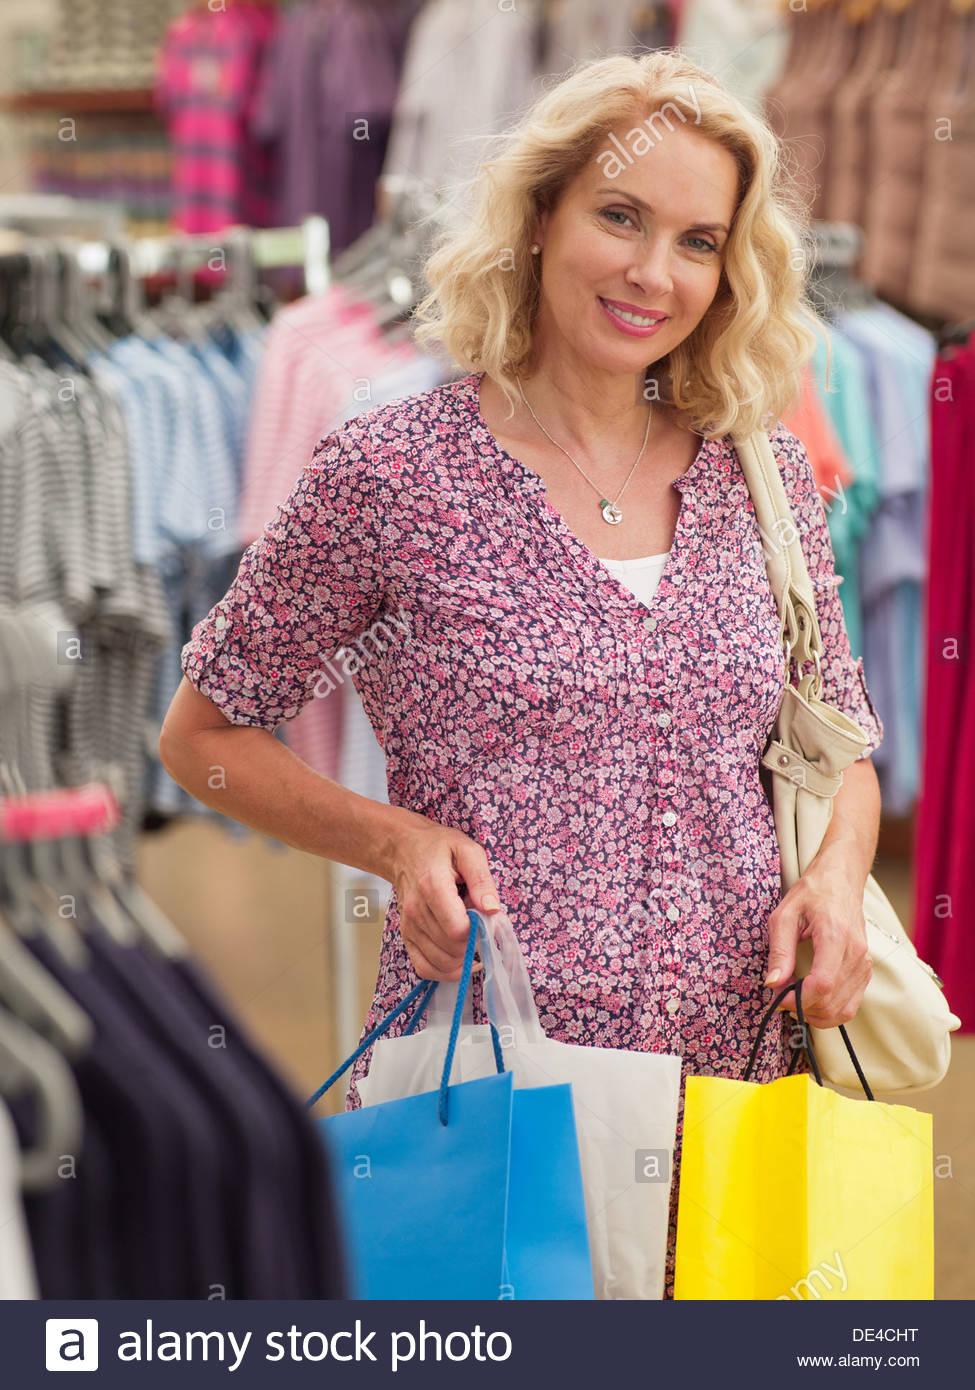 Donna sorridente il trasporto delle borse della spesa in negozio di abbigliamento Immagini Stock